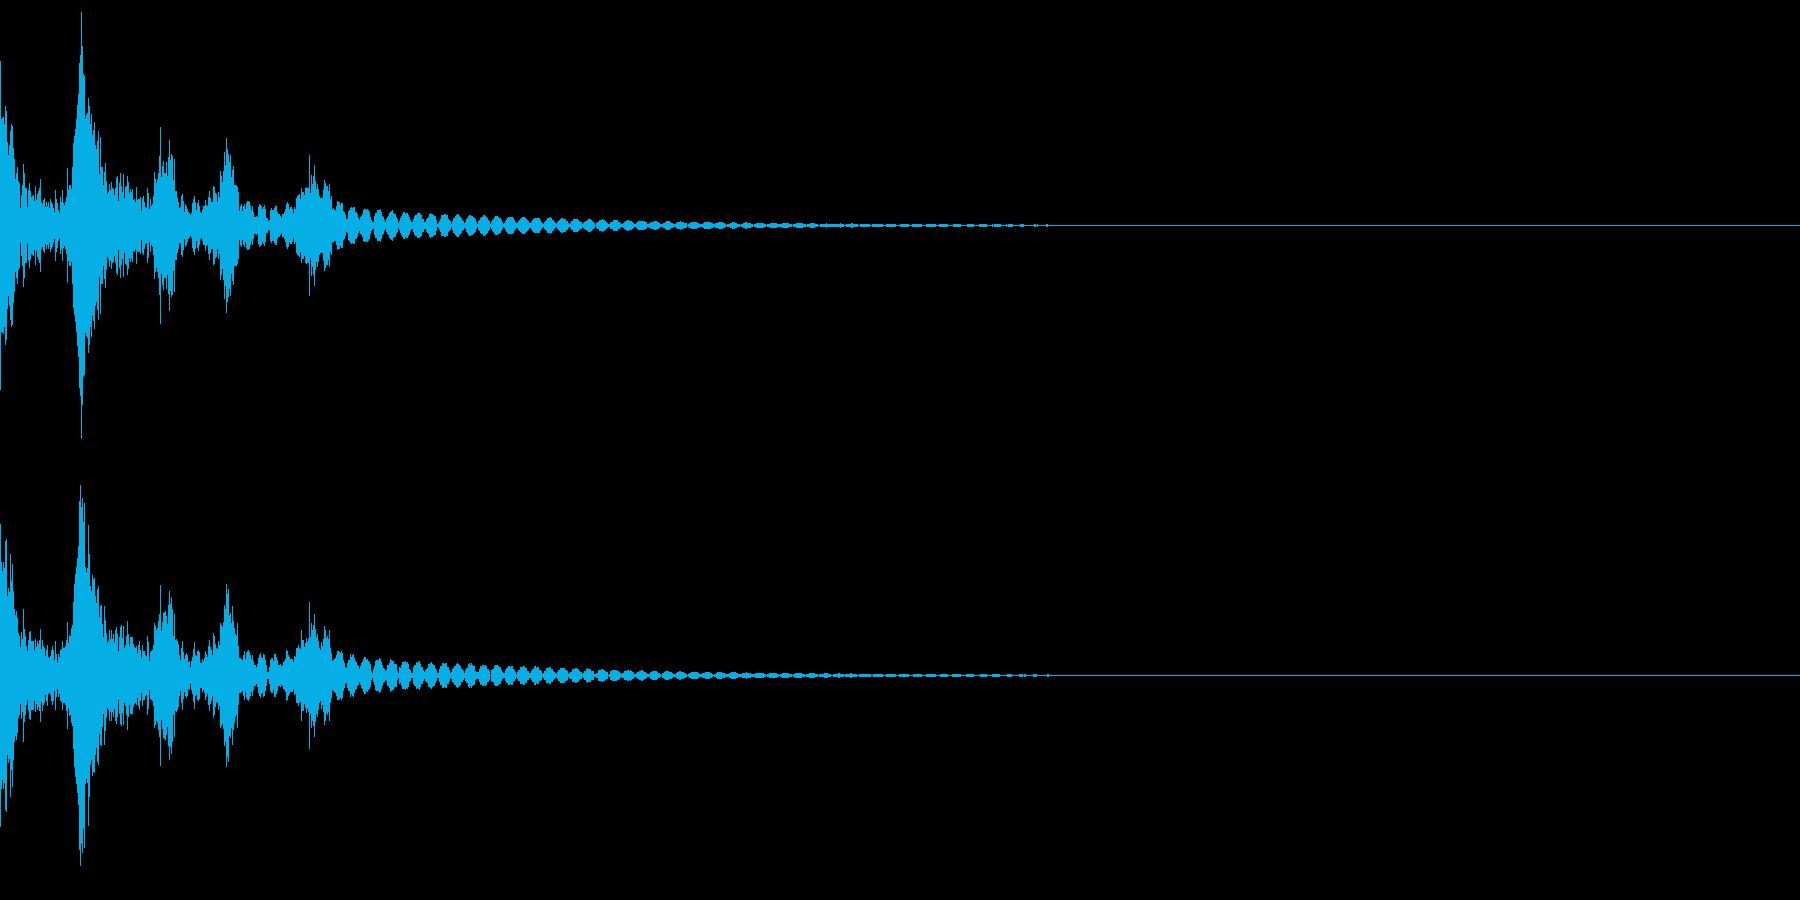 デスクトップのゴミ箱に捨てる音(ガサッ)の再生済みの波形